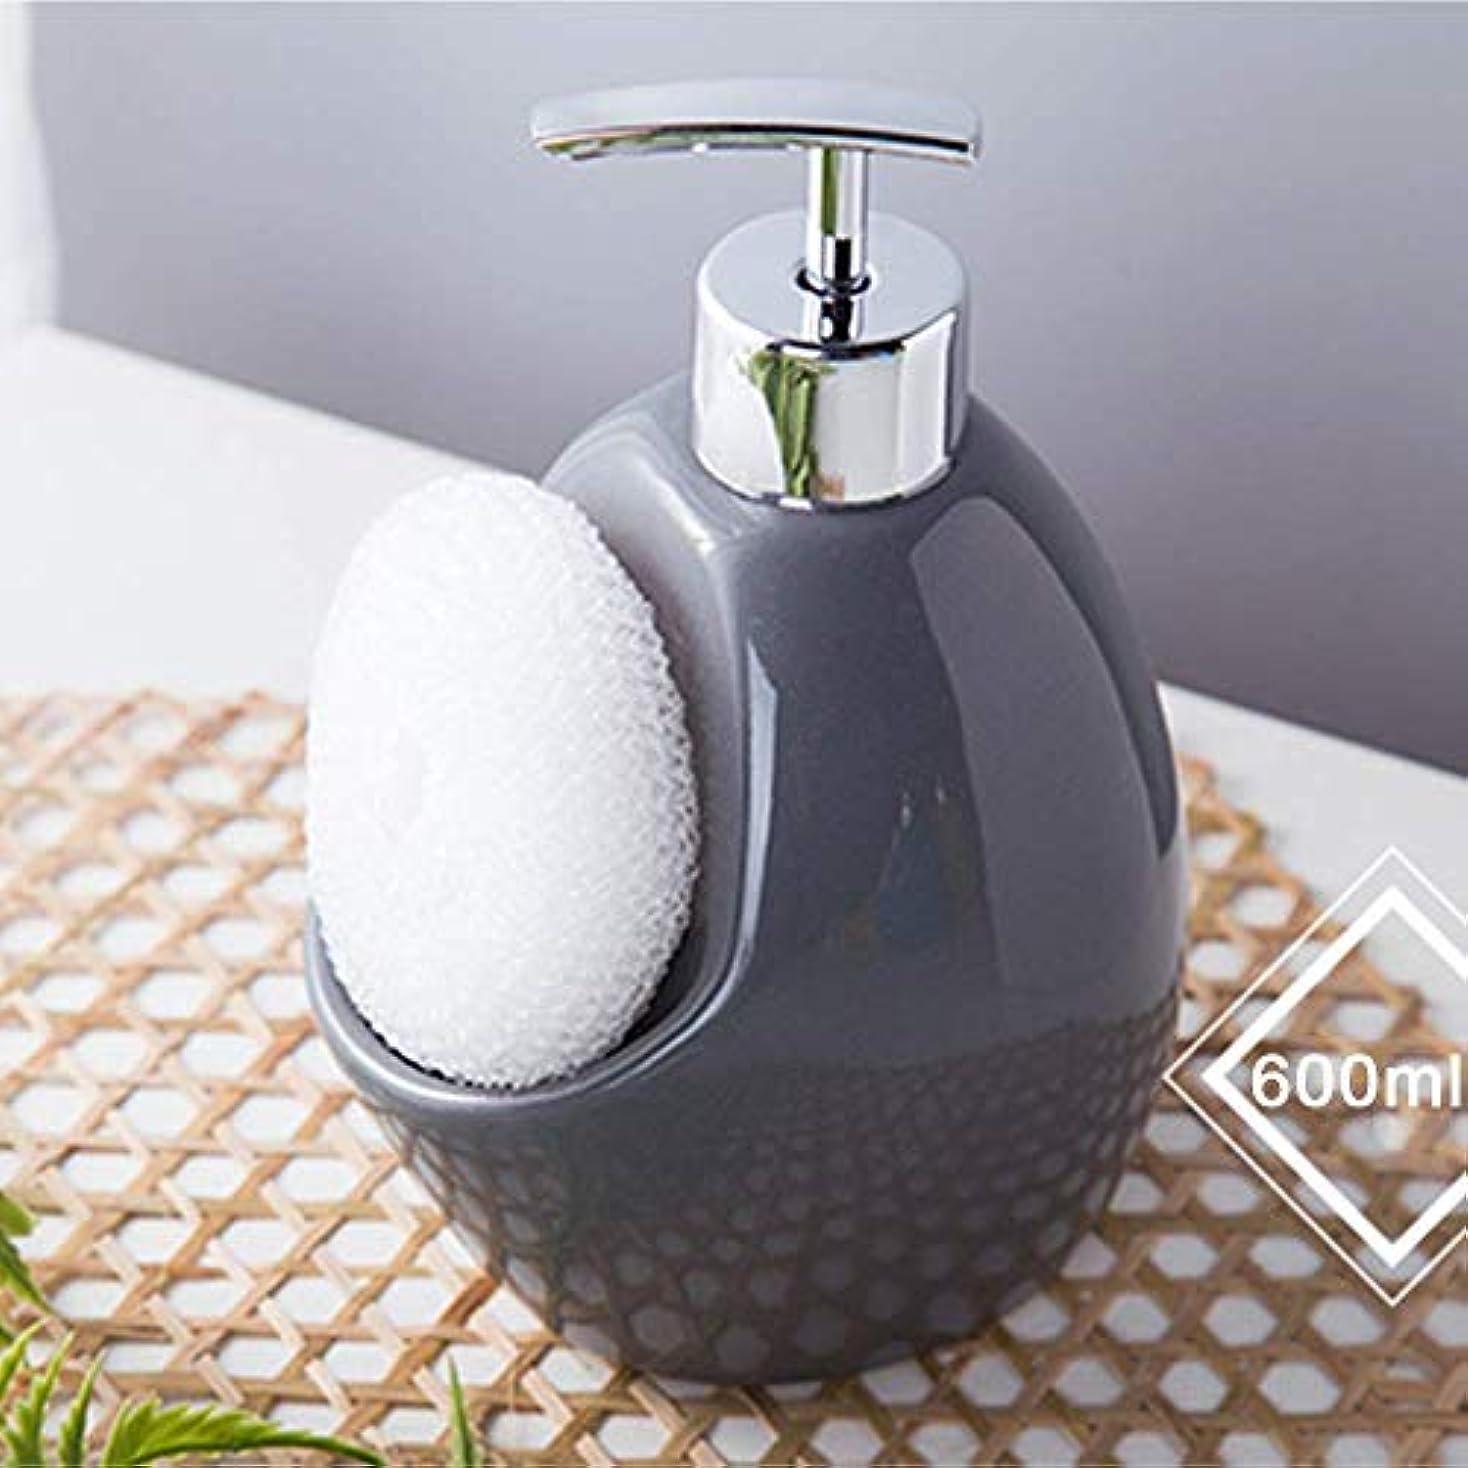 驚いたことに公然とトランザクションソープディスペンサー液体、手動ポンプボトル、詰め替え可能-食器用洗剤/ハンドソープ/シャワージェル、セラミック-600ml(青、グレー)